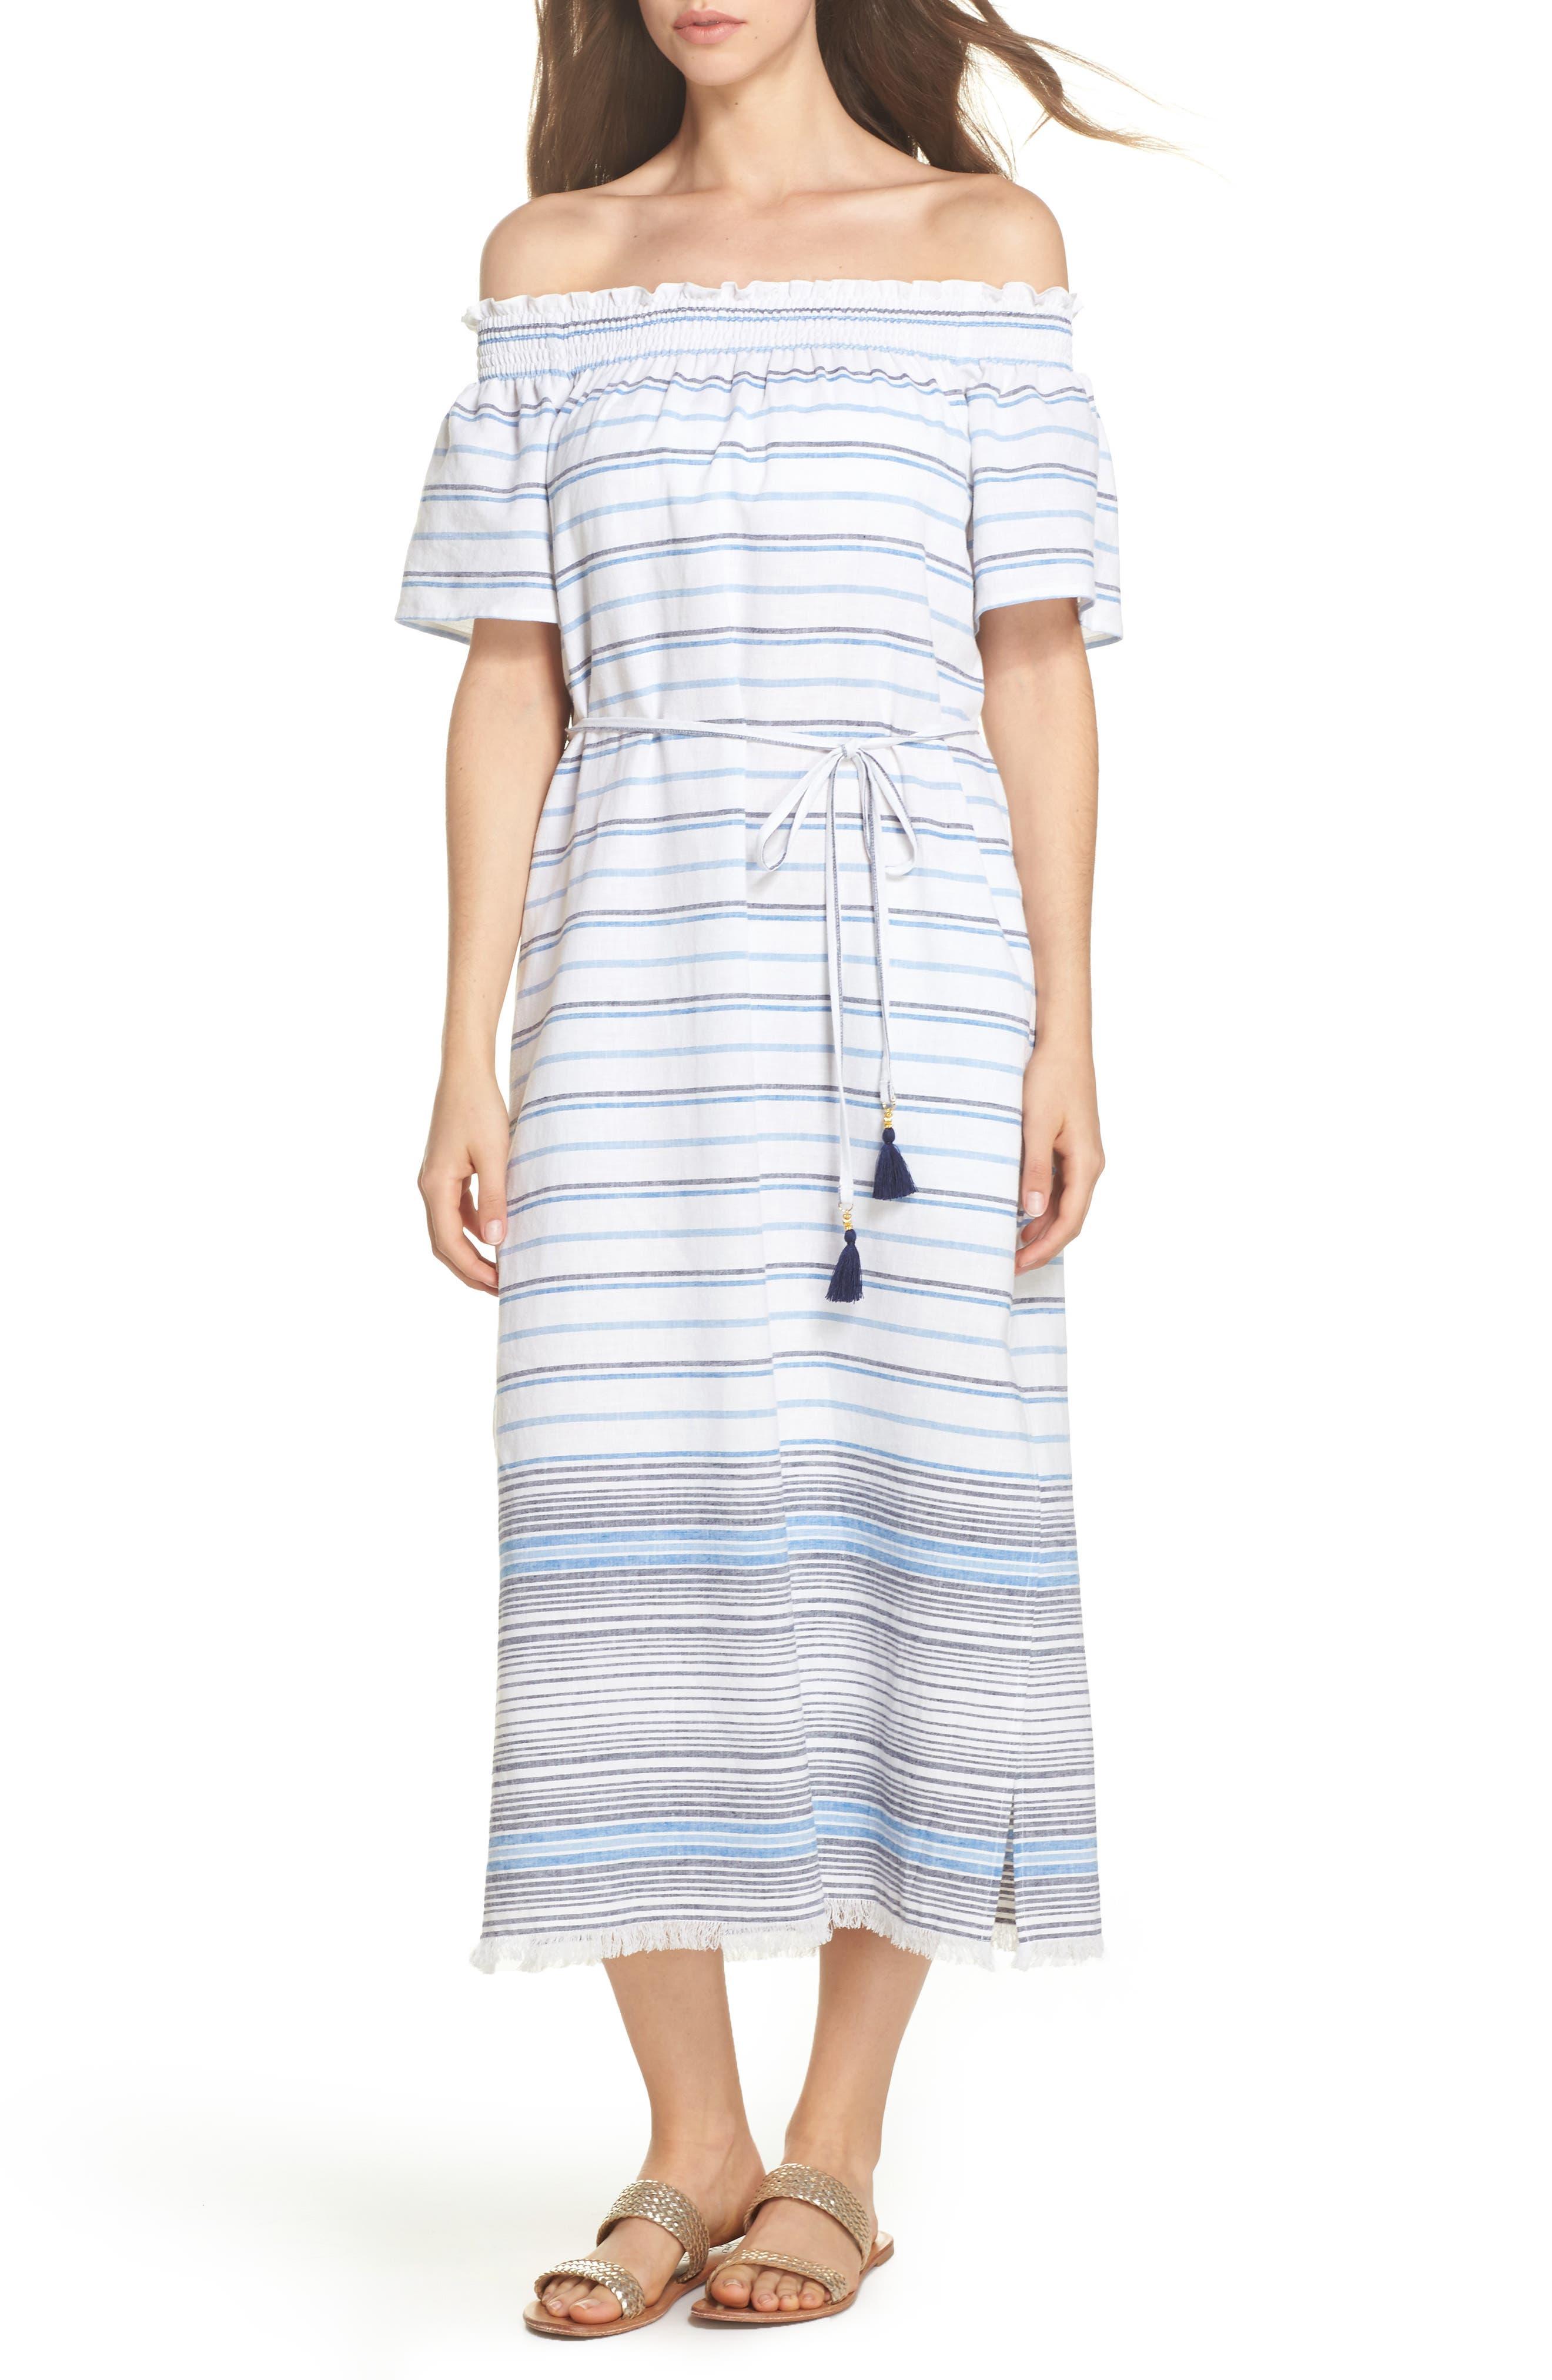 Stripe Linen & Cotton Off the Shoulder Cover-Up Dress,                             Main thumbnail 1, color,                             White